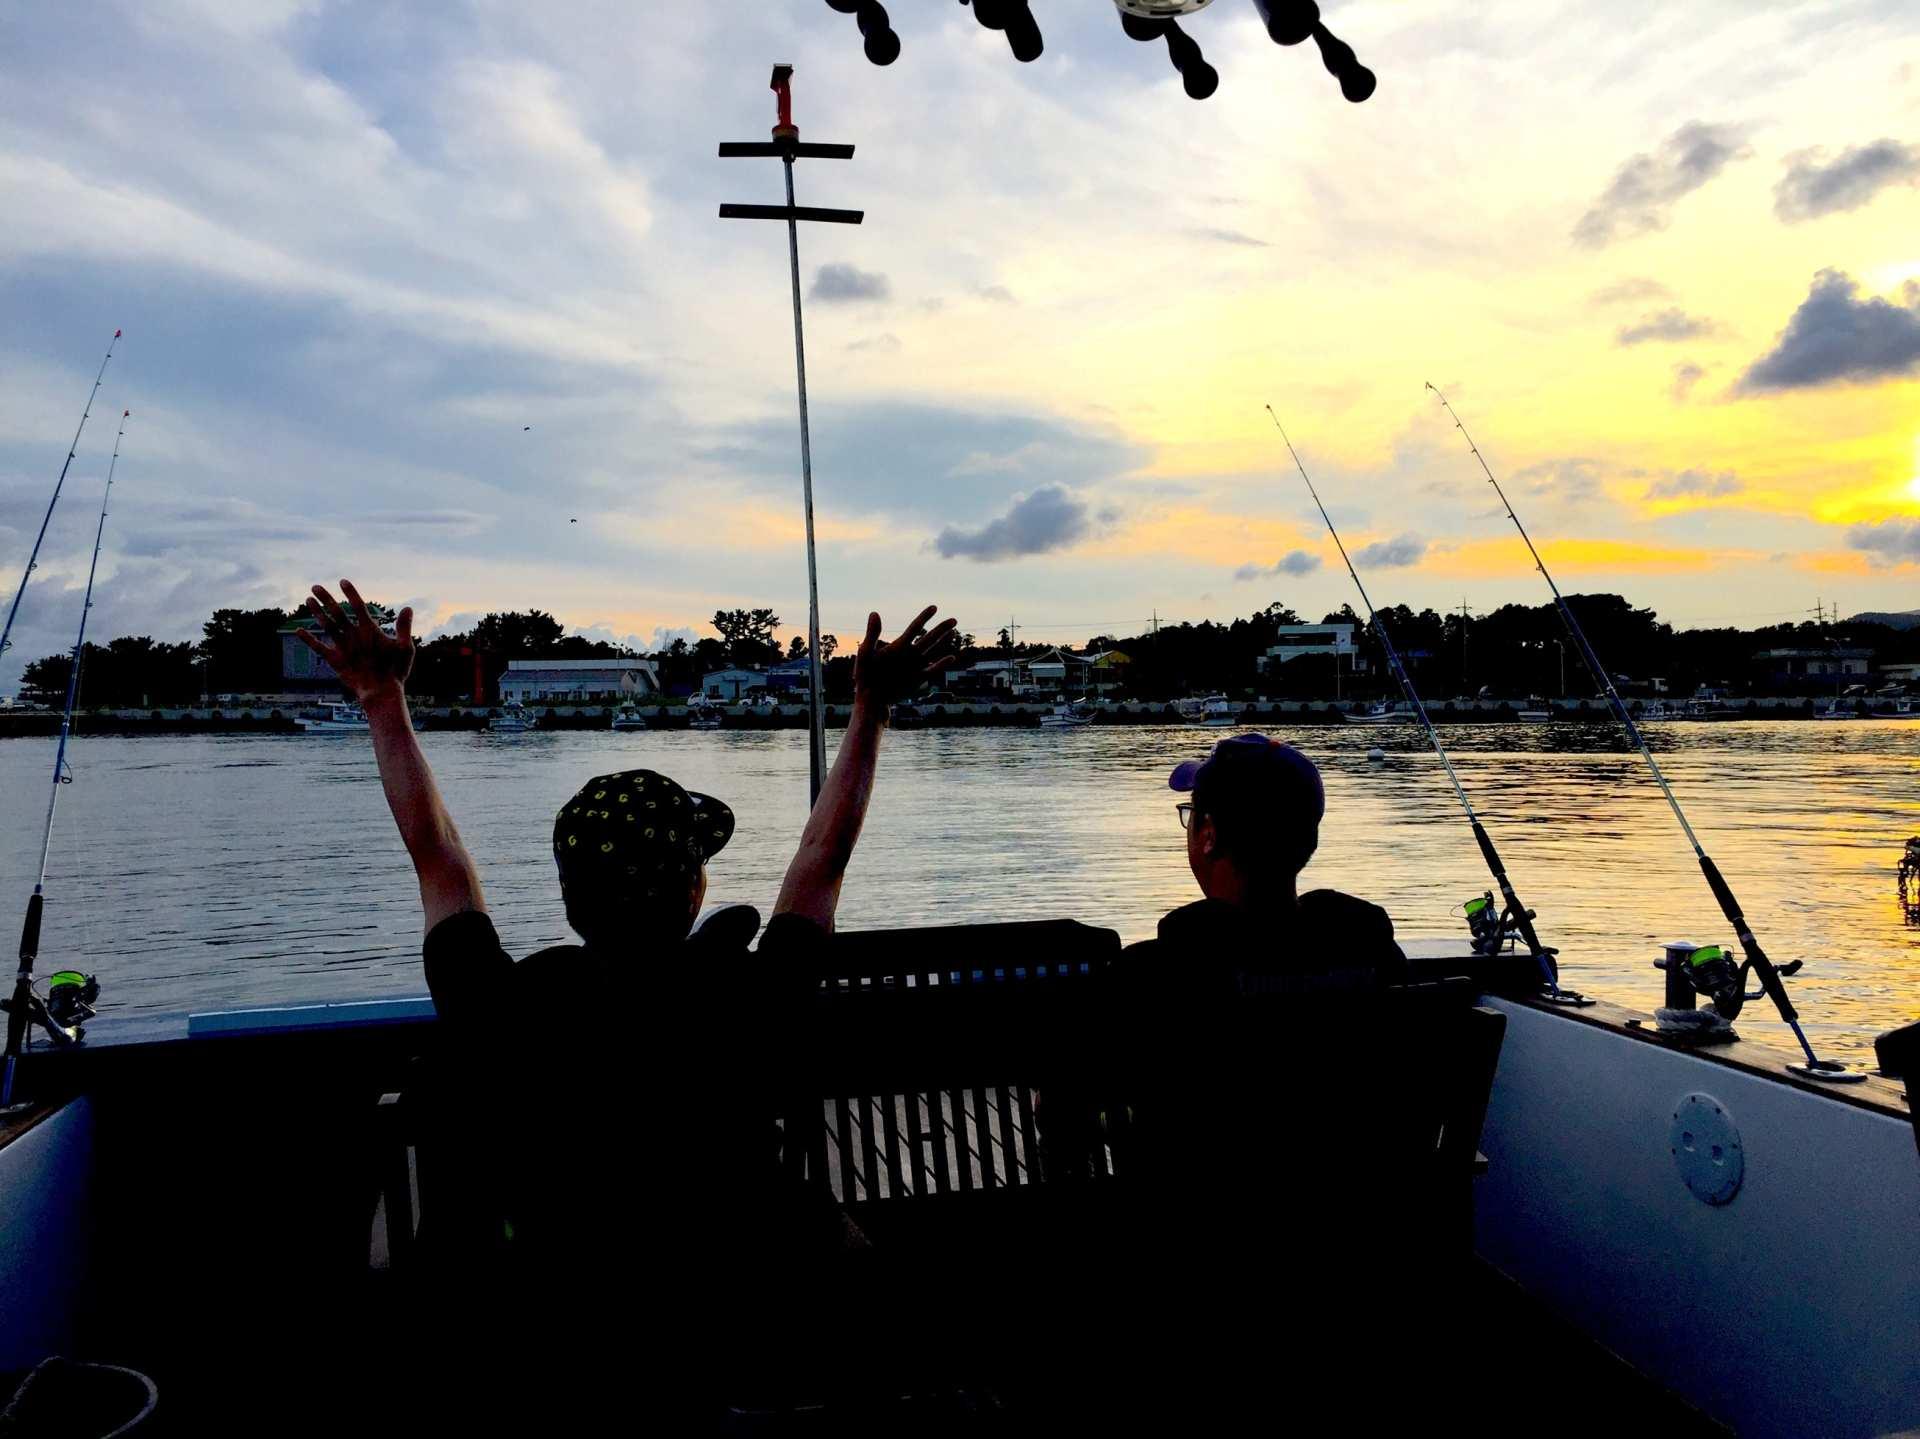 【出海釣魚去】濟州西歸浦海釣體驗